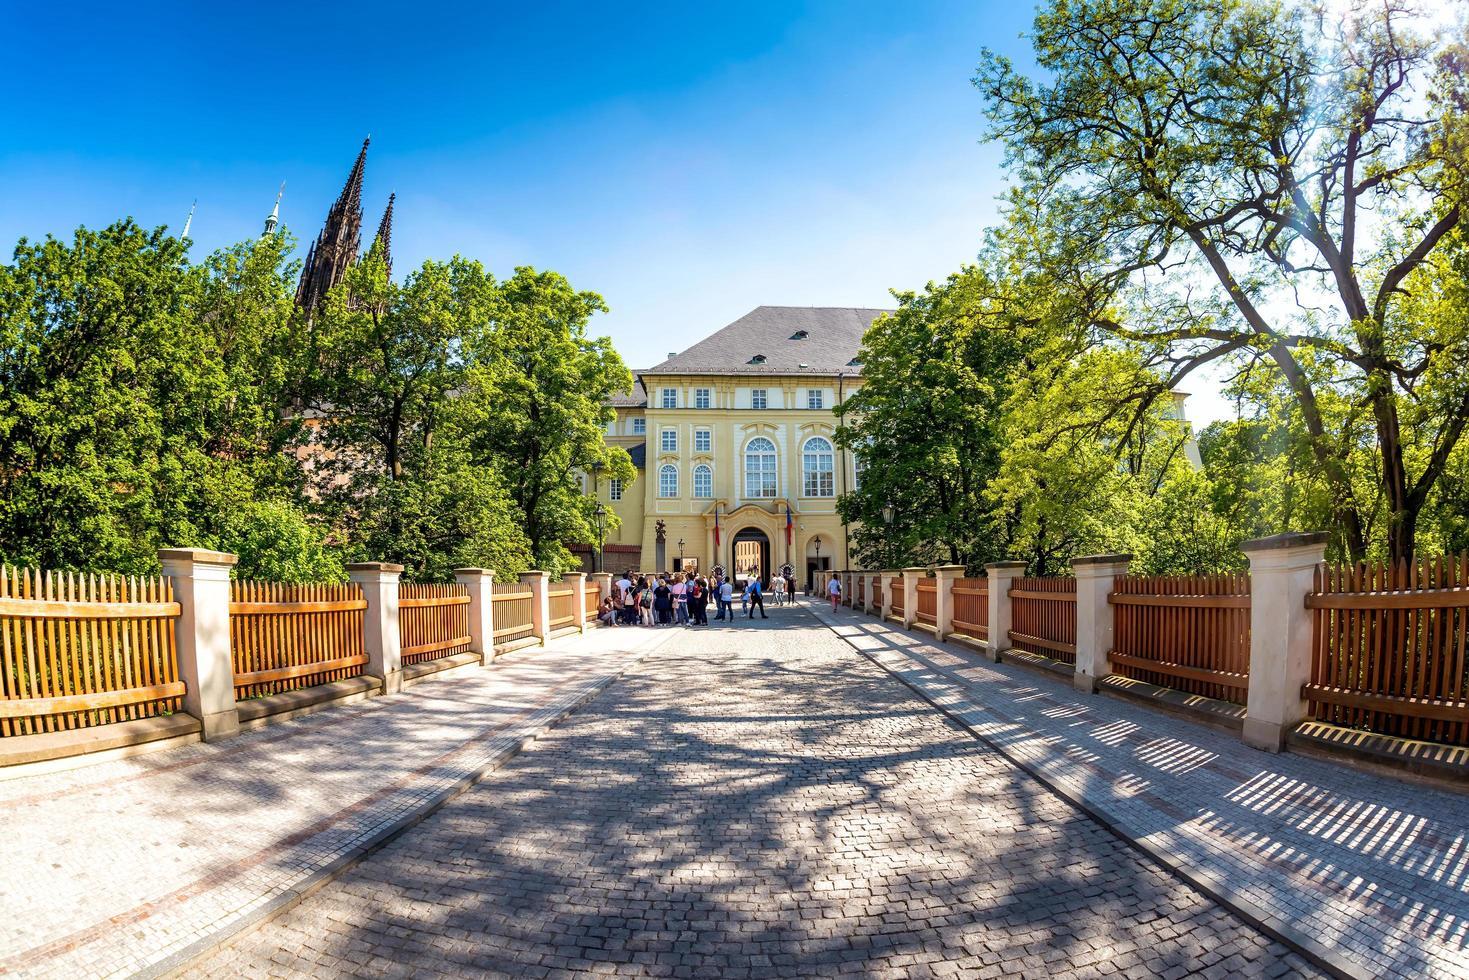 Prag, Tschechische Republik 2017 - Touristen und Wachen am Eingang zum Prager Schloss foto